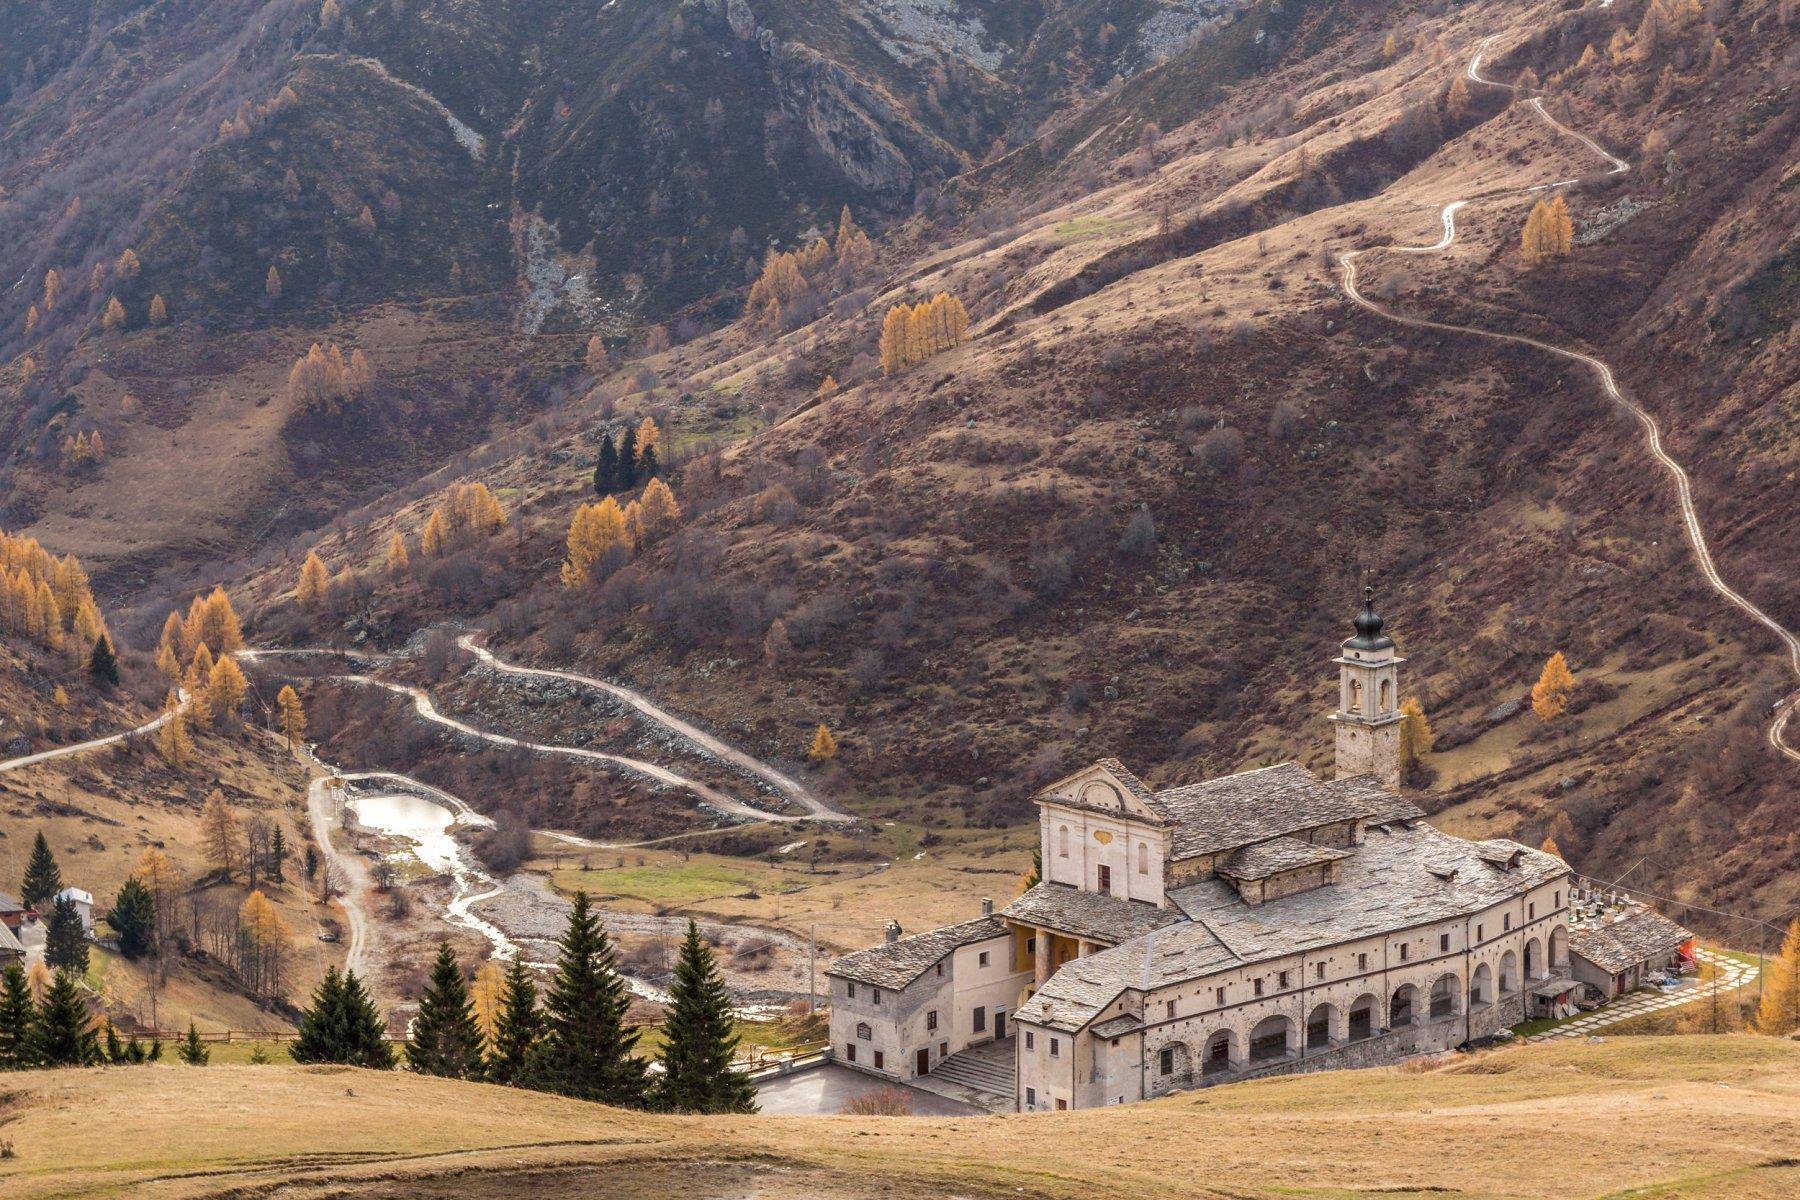 Tibert (Monte) dal Santuario di San Magno, anello per Colle Intersile e Monte Crosetta 2016-11-19